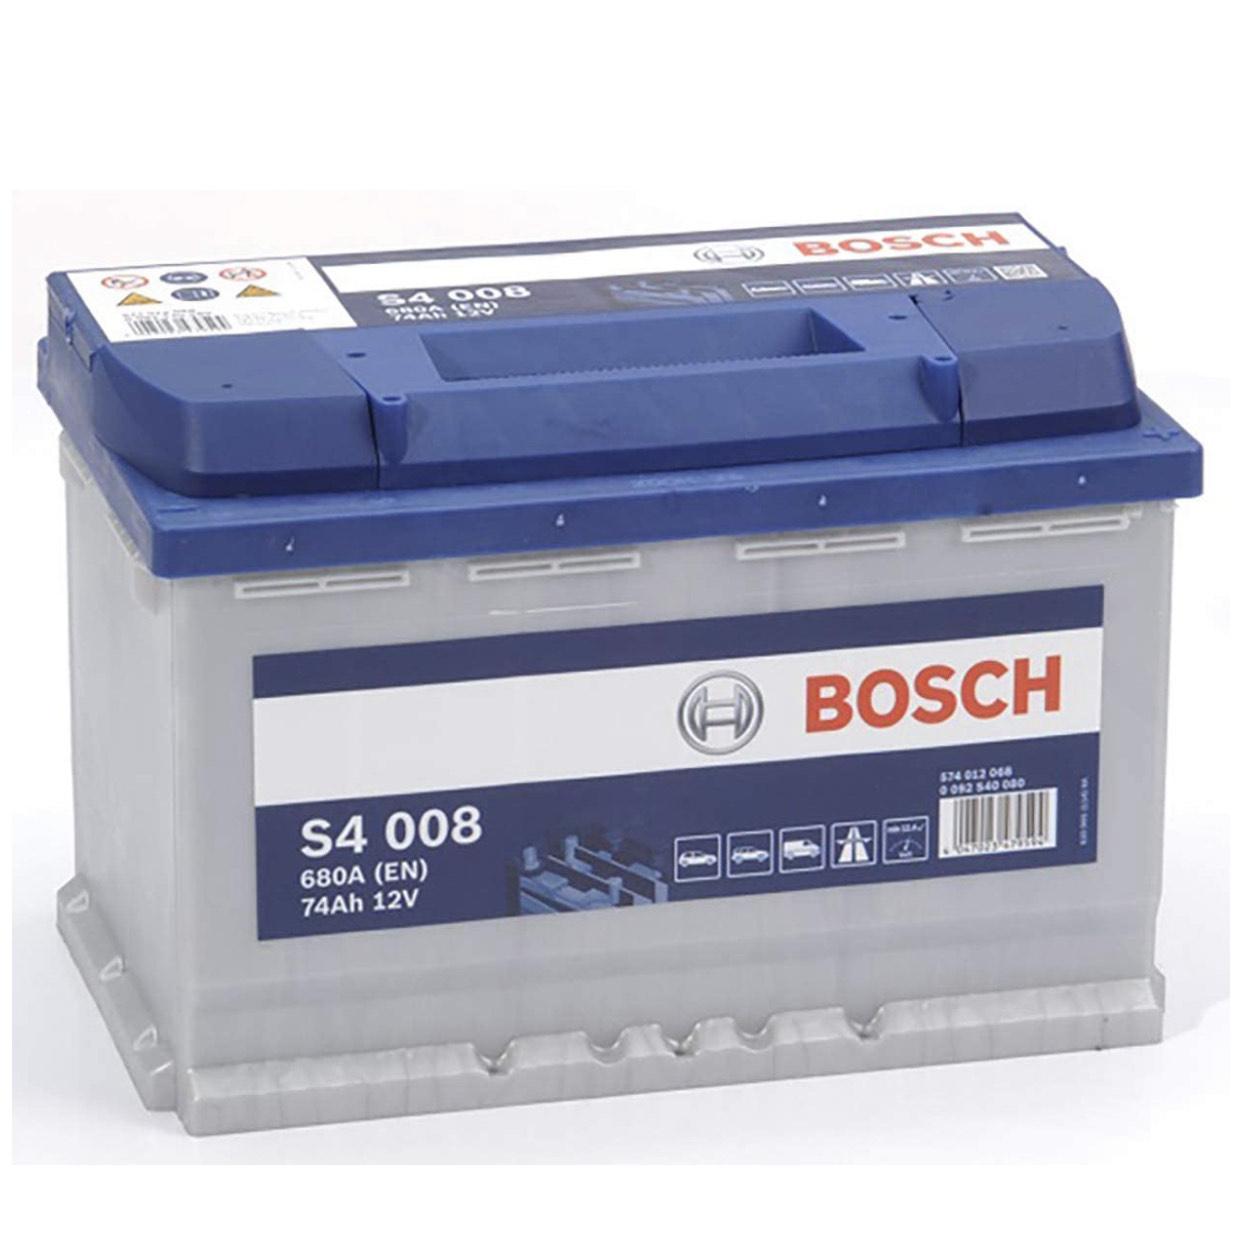 Bosch Batterie de Voiture Bosch S4008 - 74A / h-680A